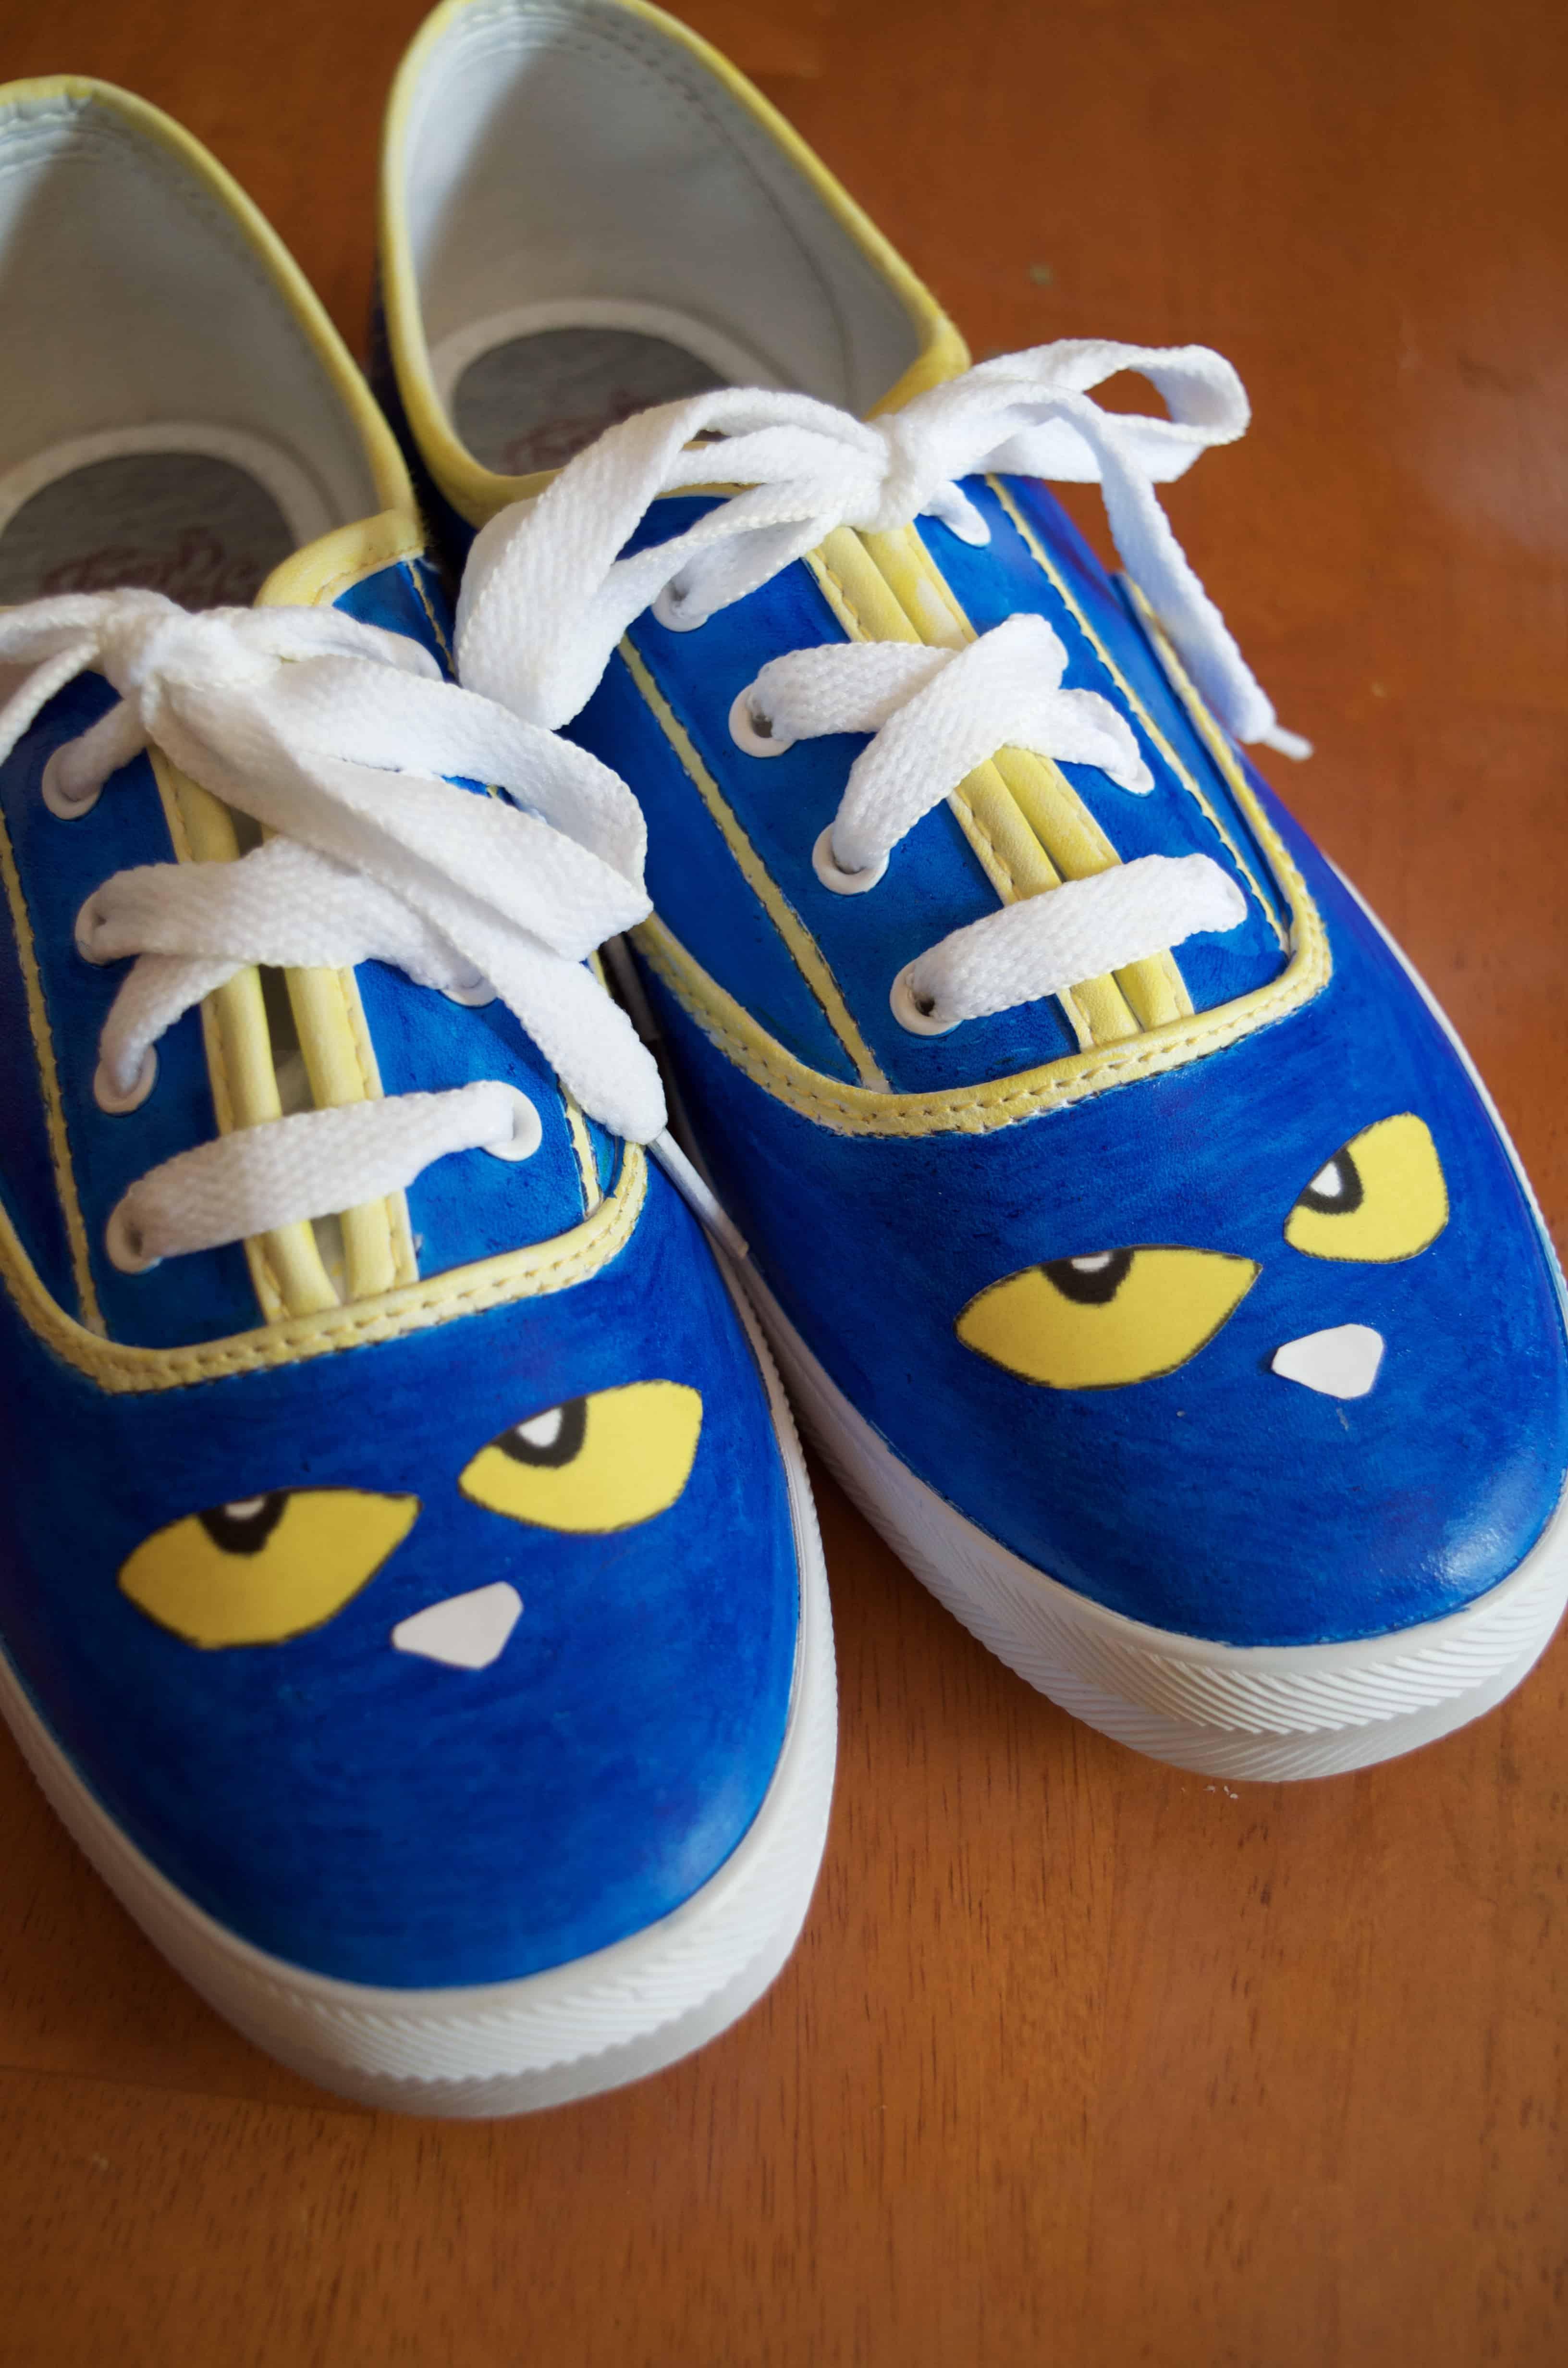 Diy Pete The Cat Shoes Tutorial